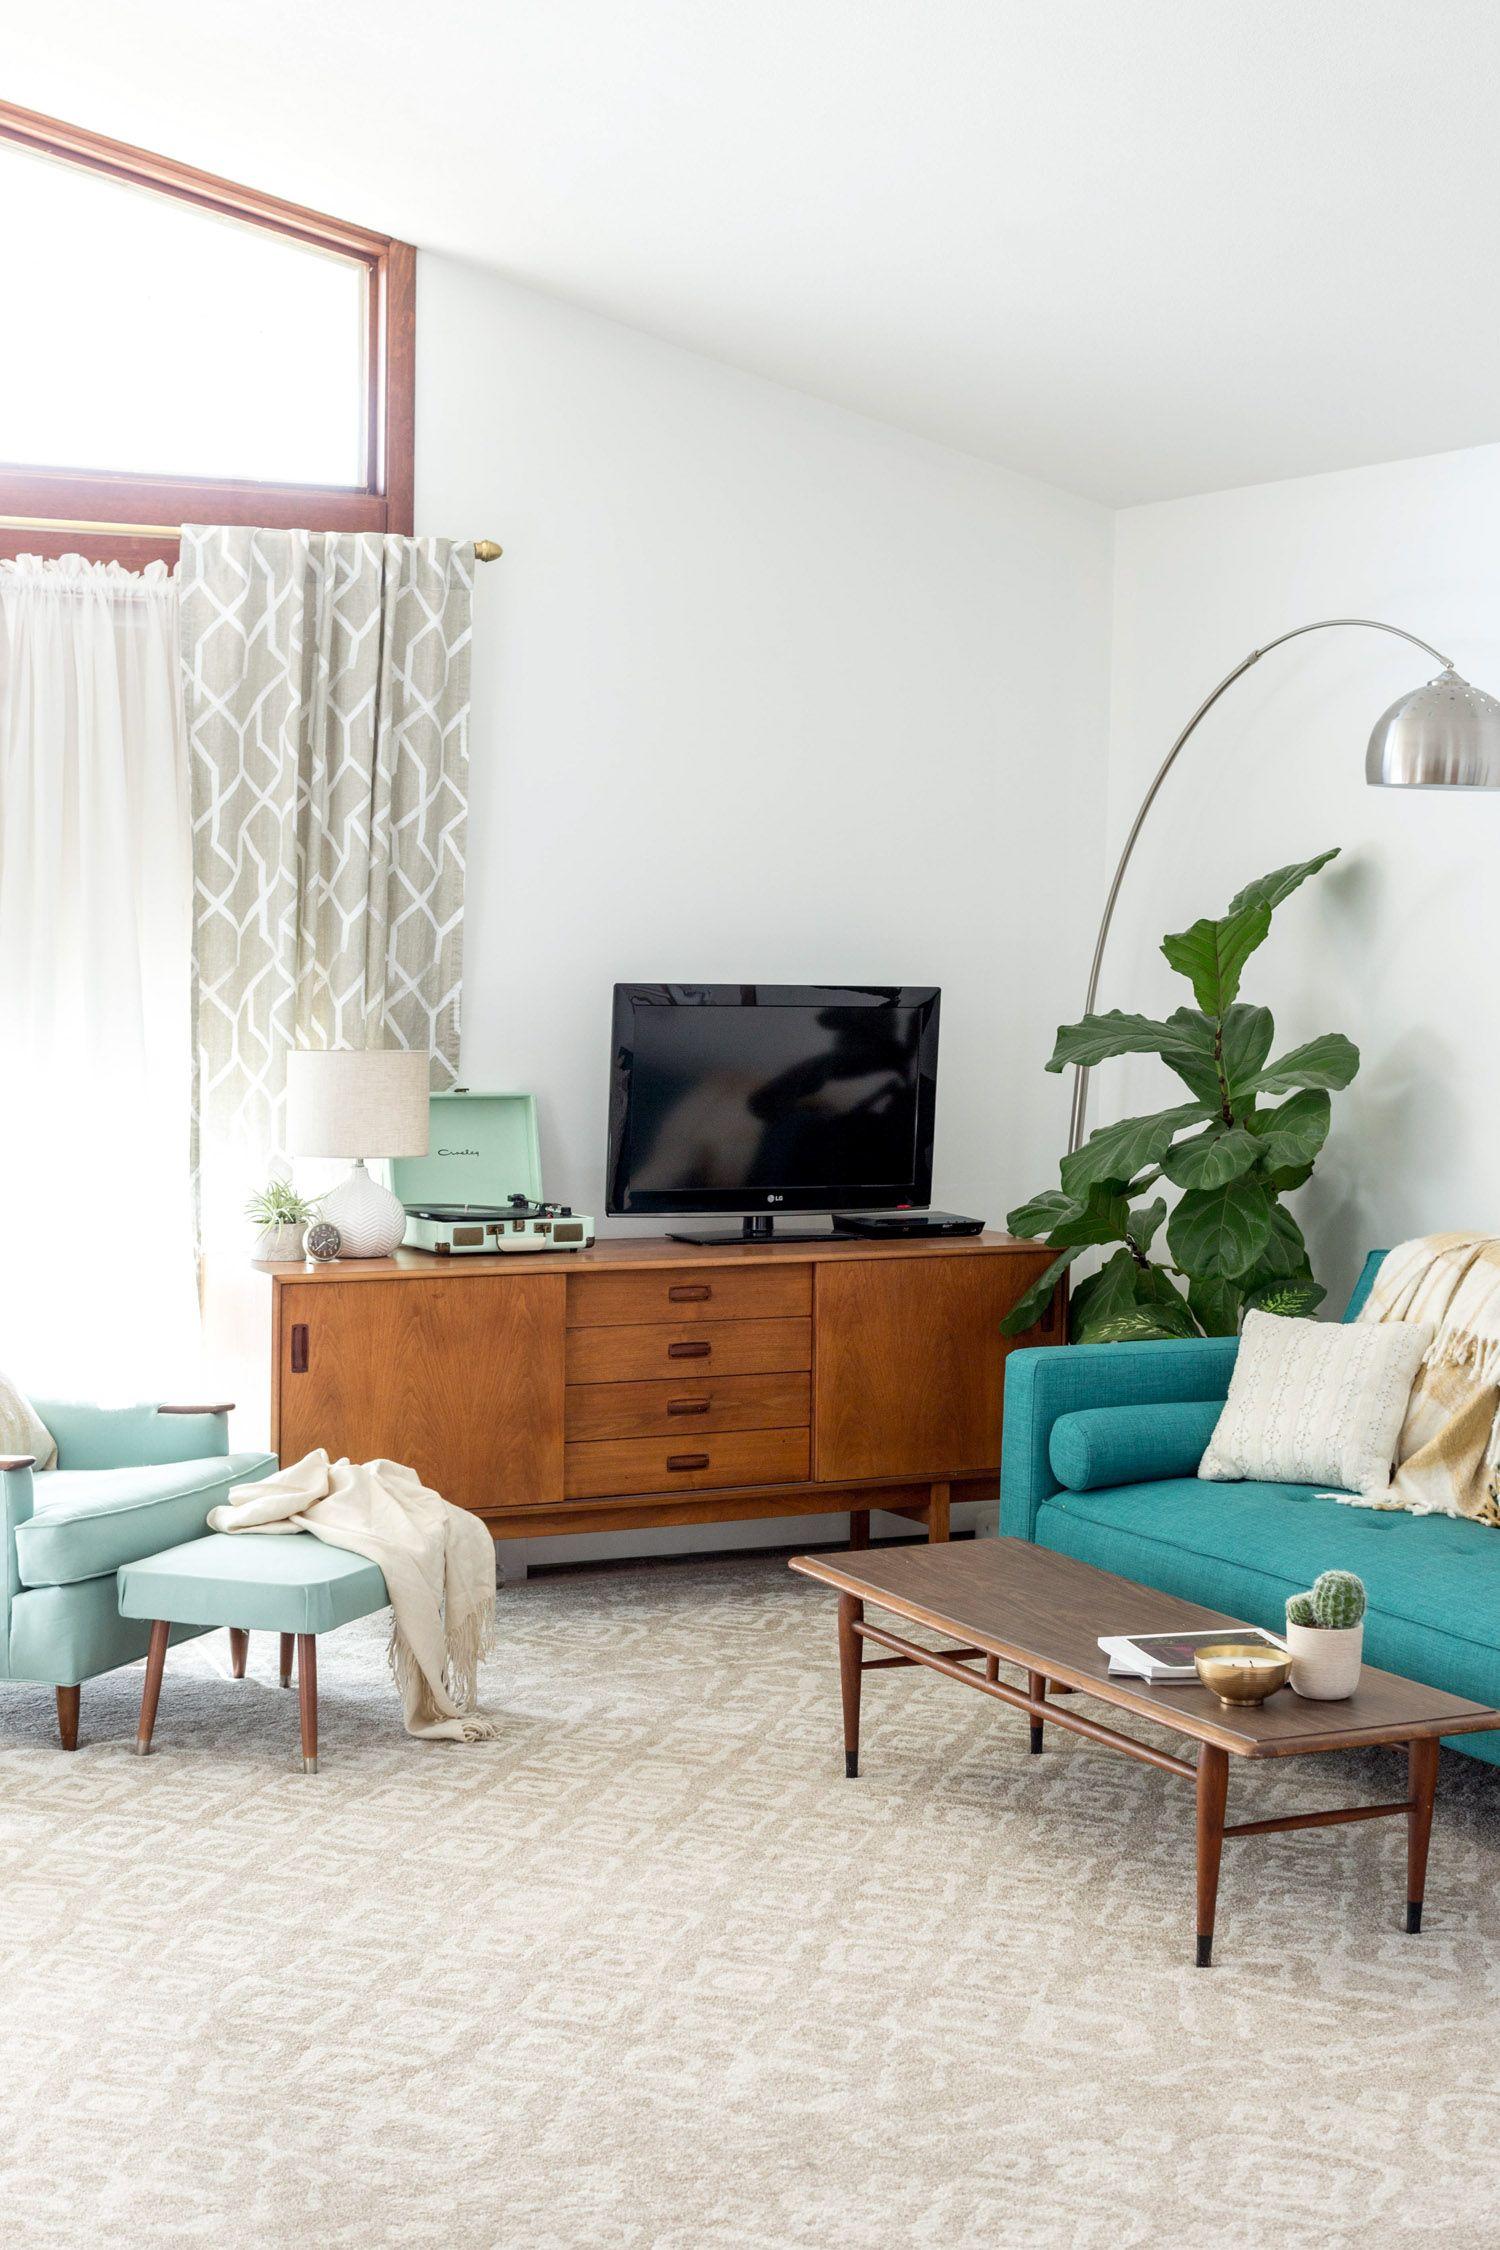 west elm - A Colorful Retro 1960s A-Frame Interior | For the Home ...